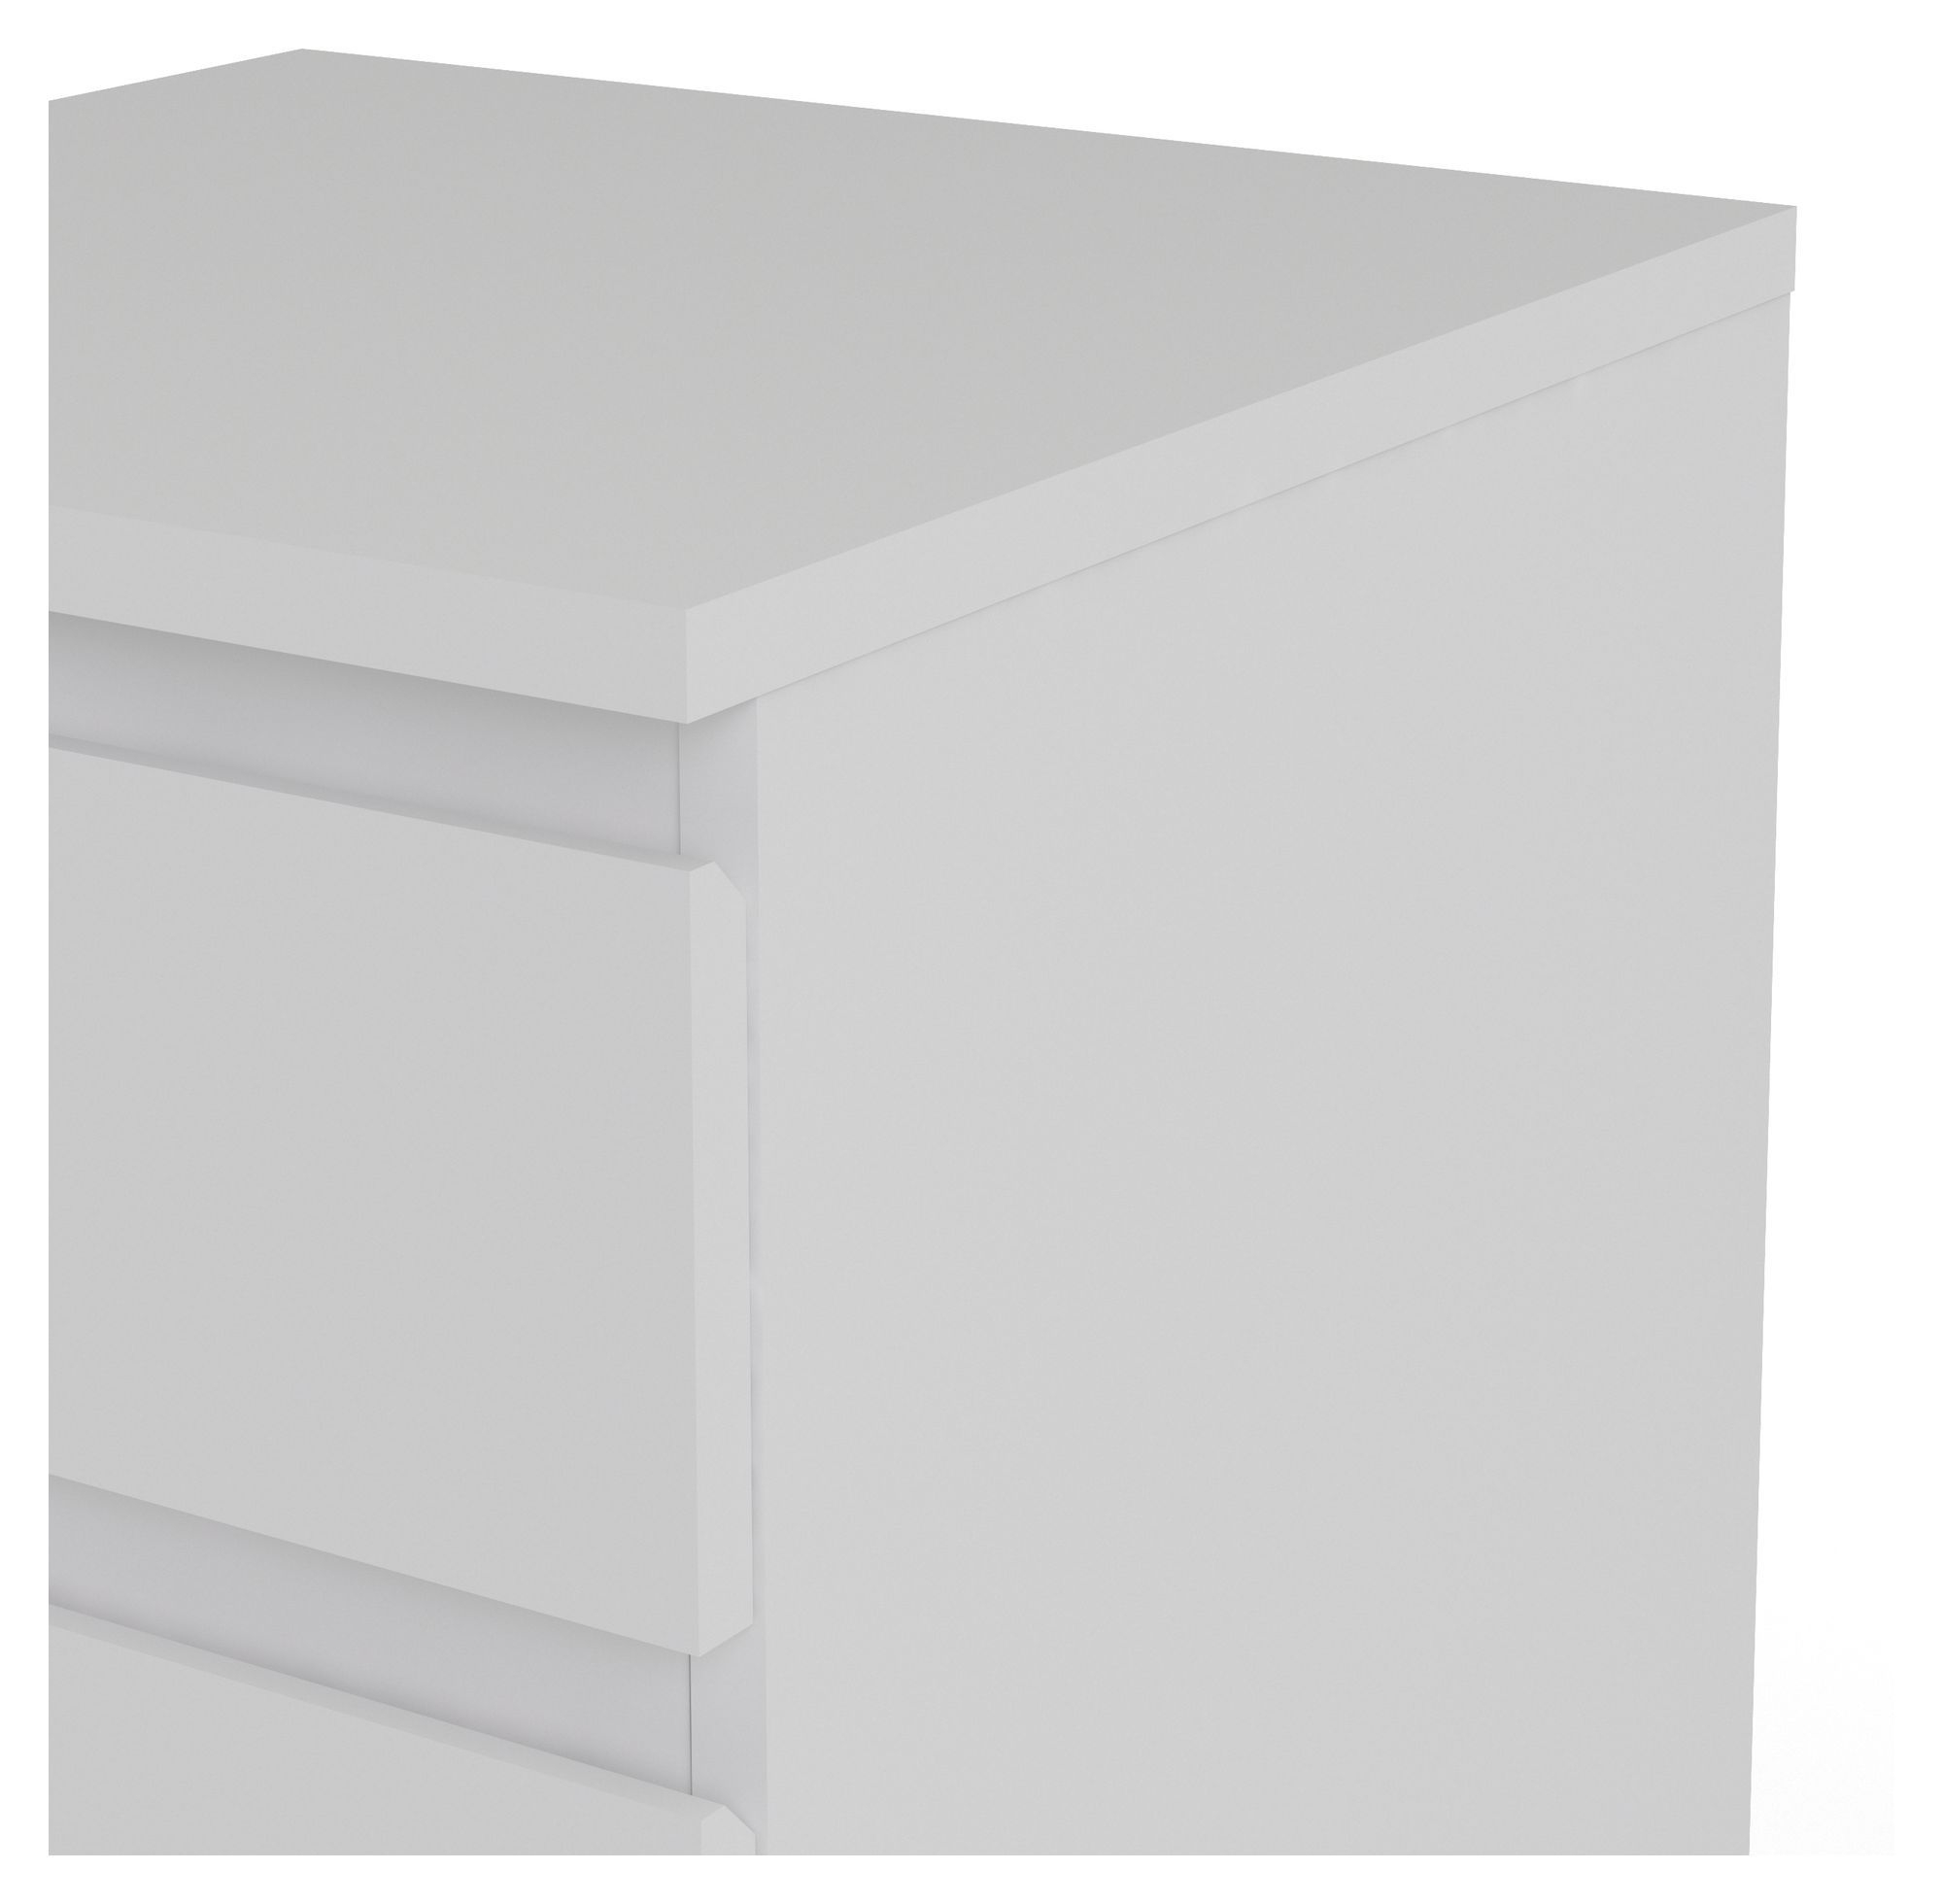 Nova Kommode - Hvid m/5 skuffer - Hvid kommode m. 5 skuffer